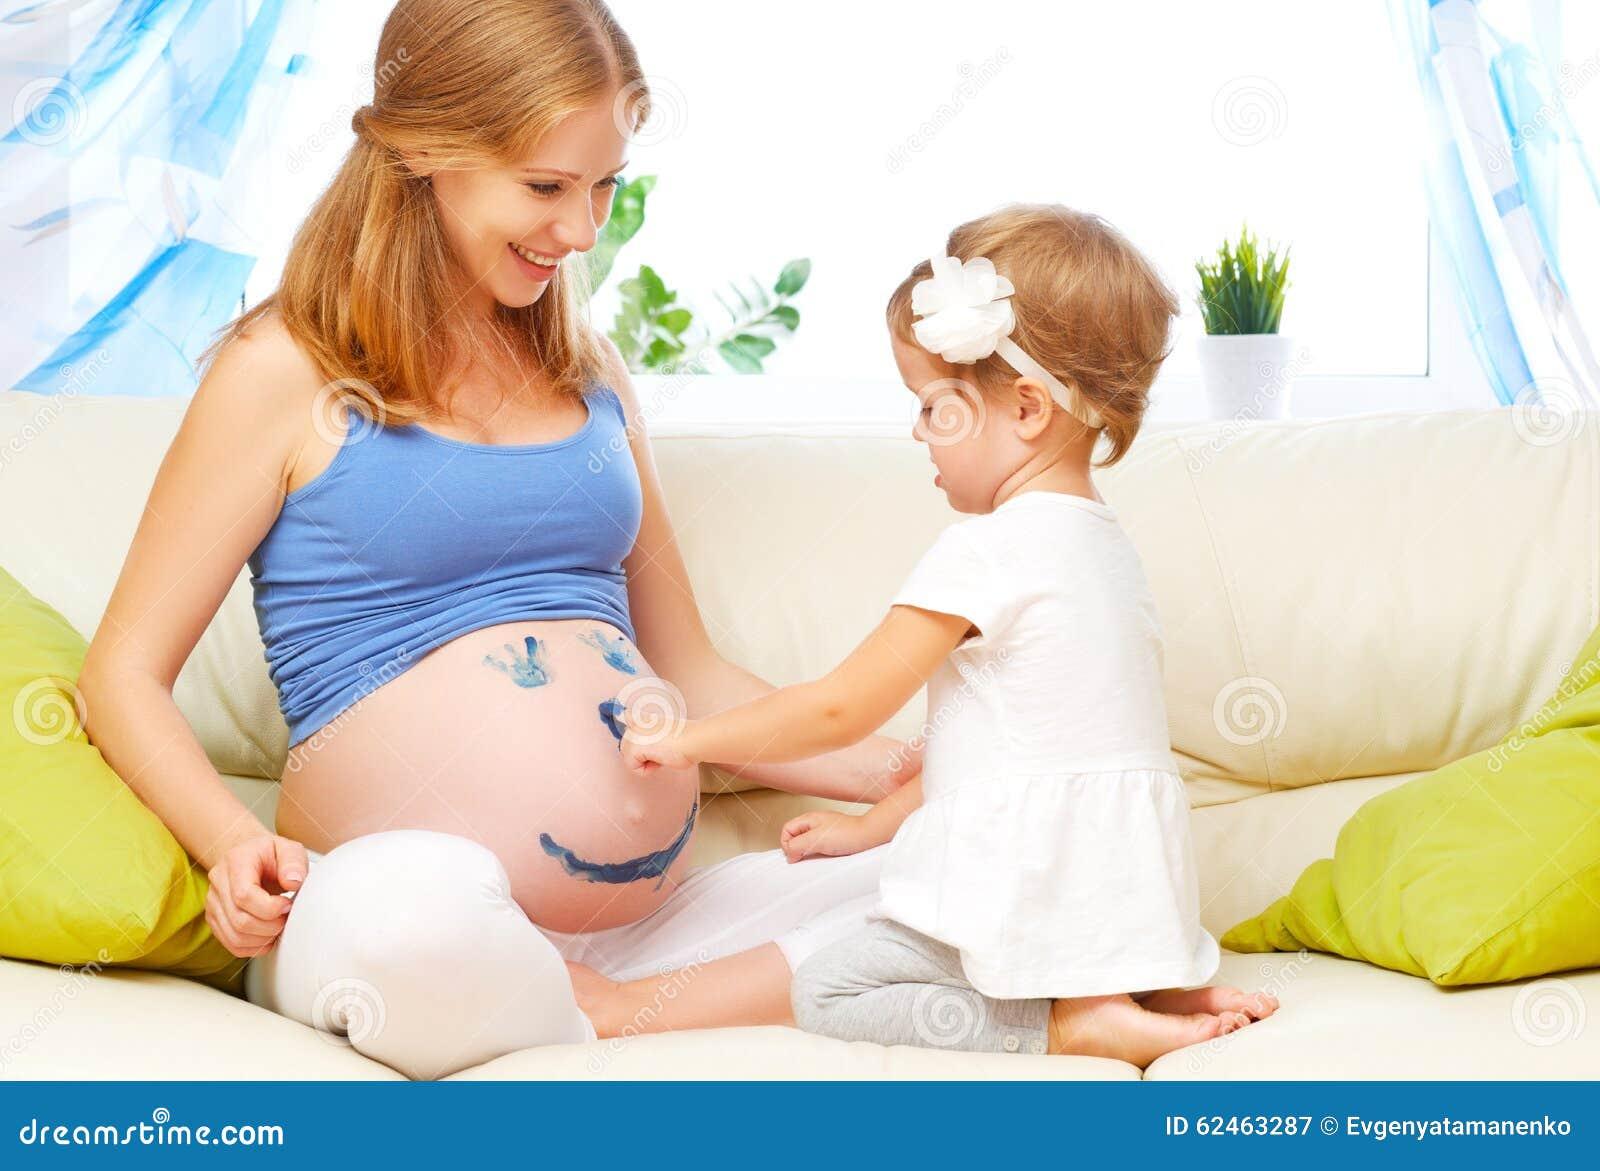 Фото беременной мамы и детей